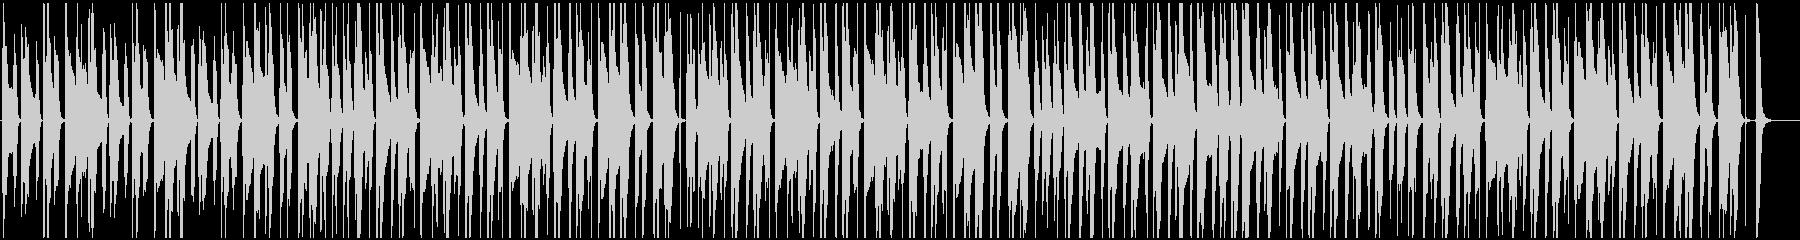 ほのぼの散歩 スキップ アコギ 木琴の未再生の波形